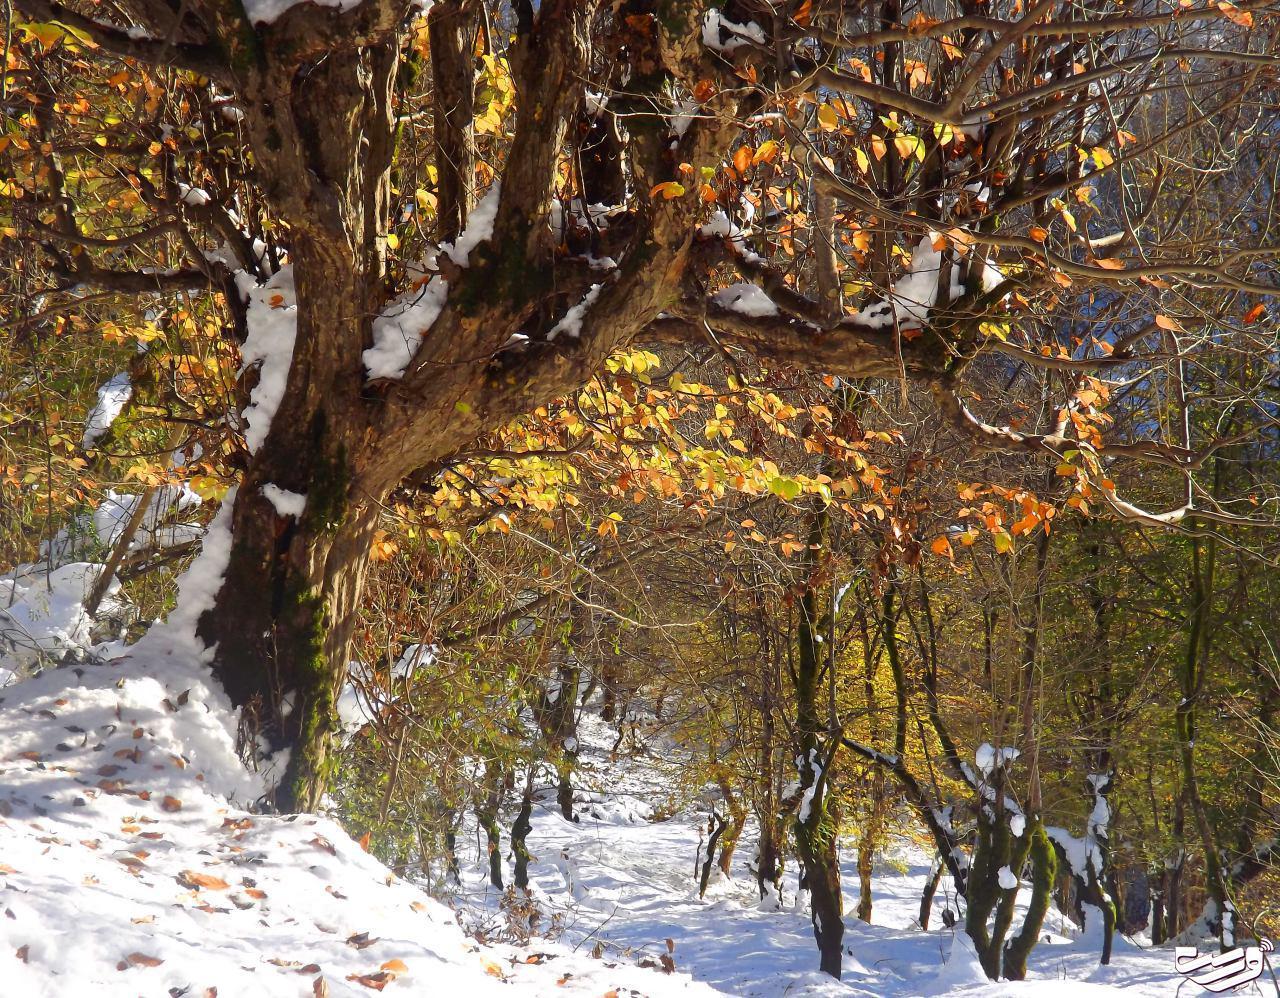 پاییز هزار رنگ و زمستان زودرس در گنجار شفت